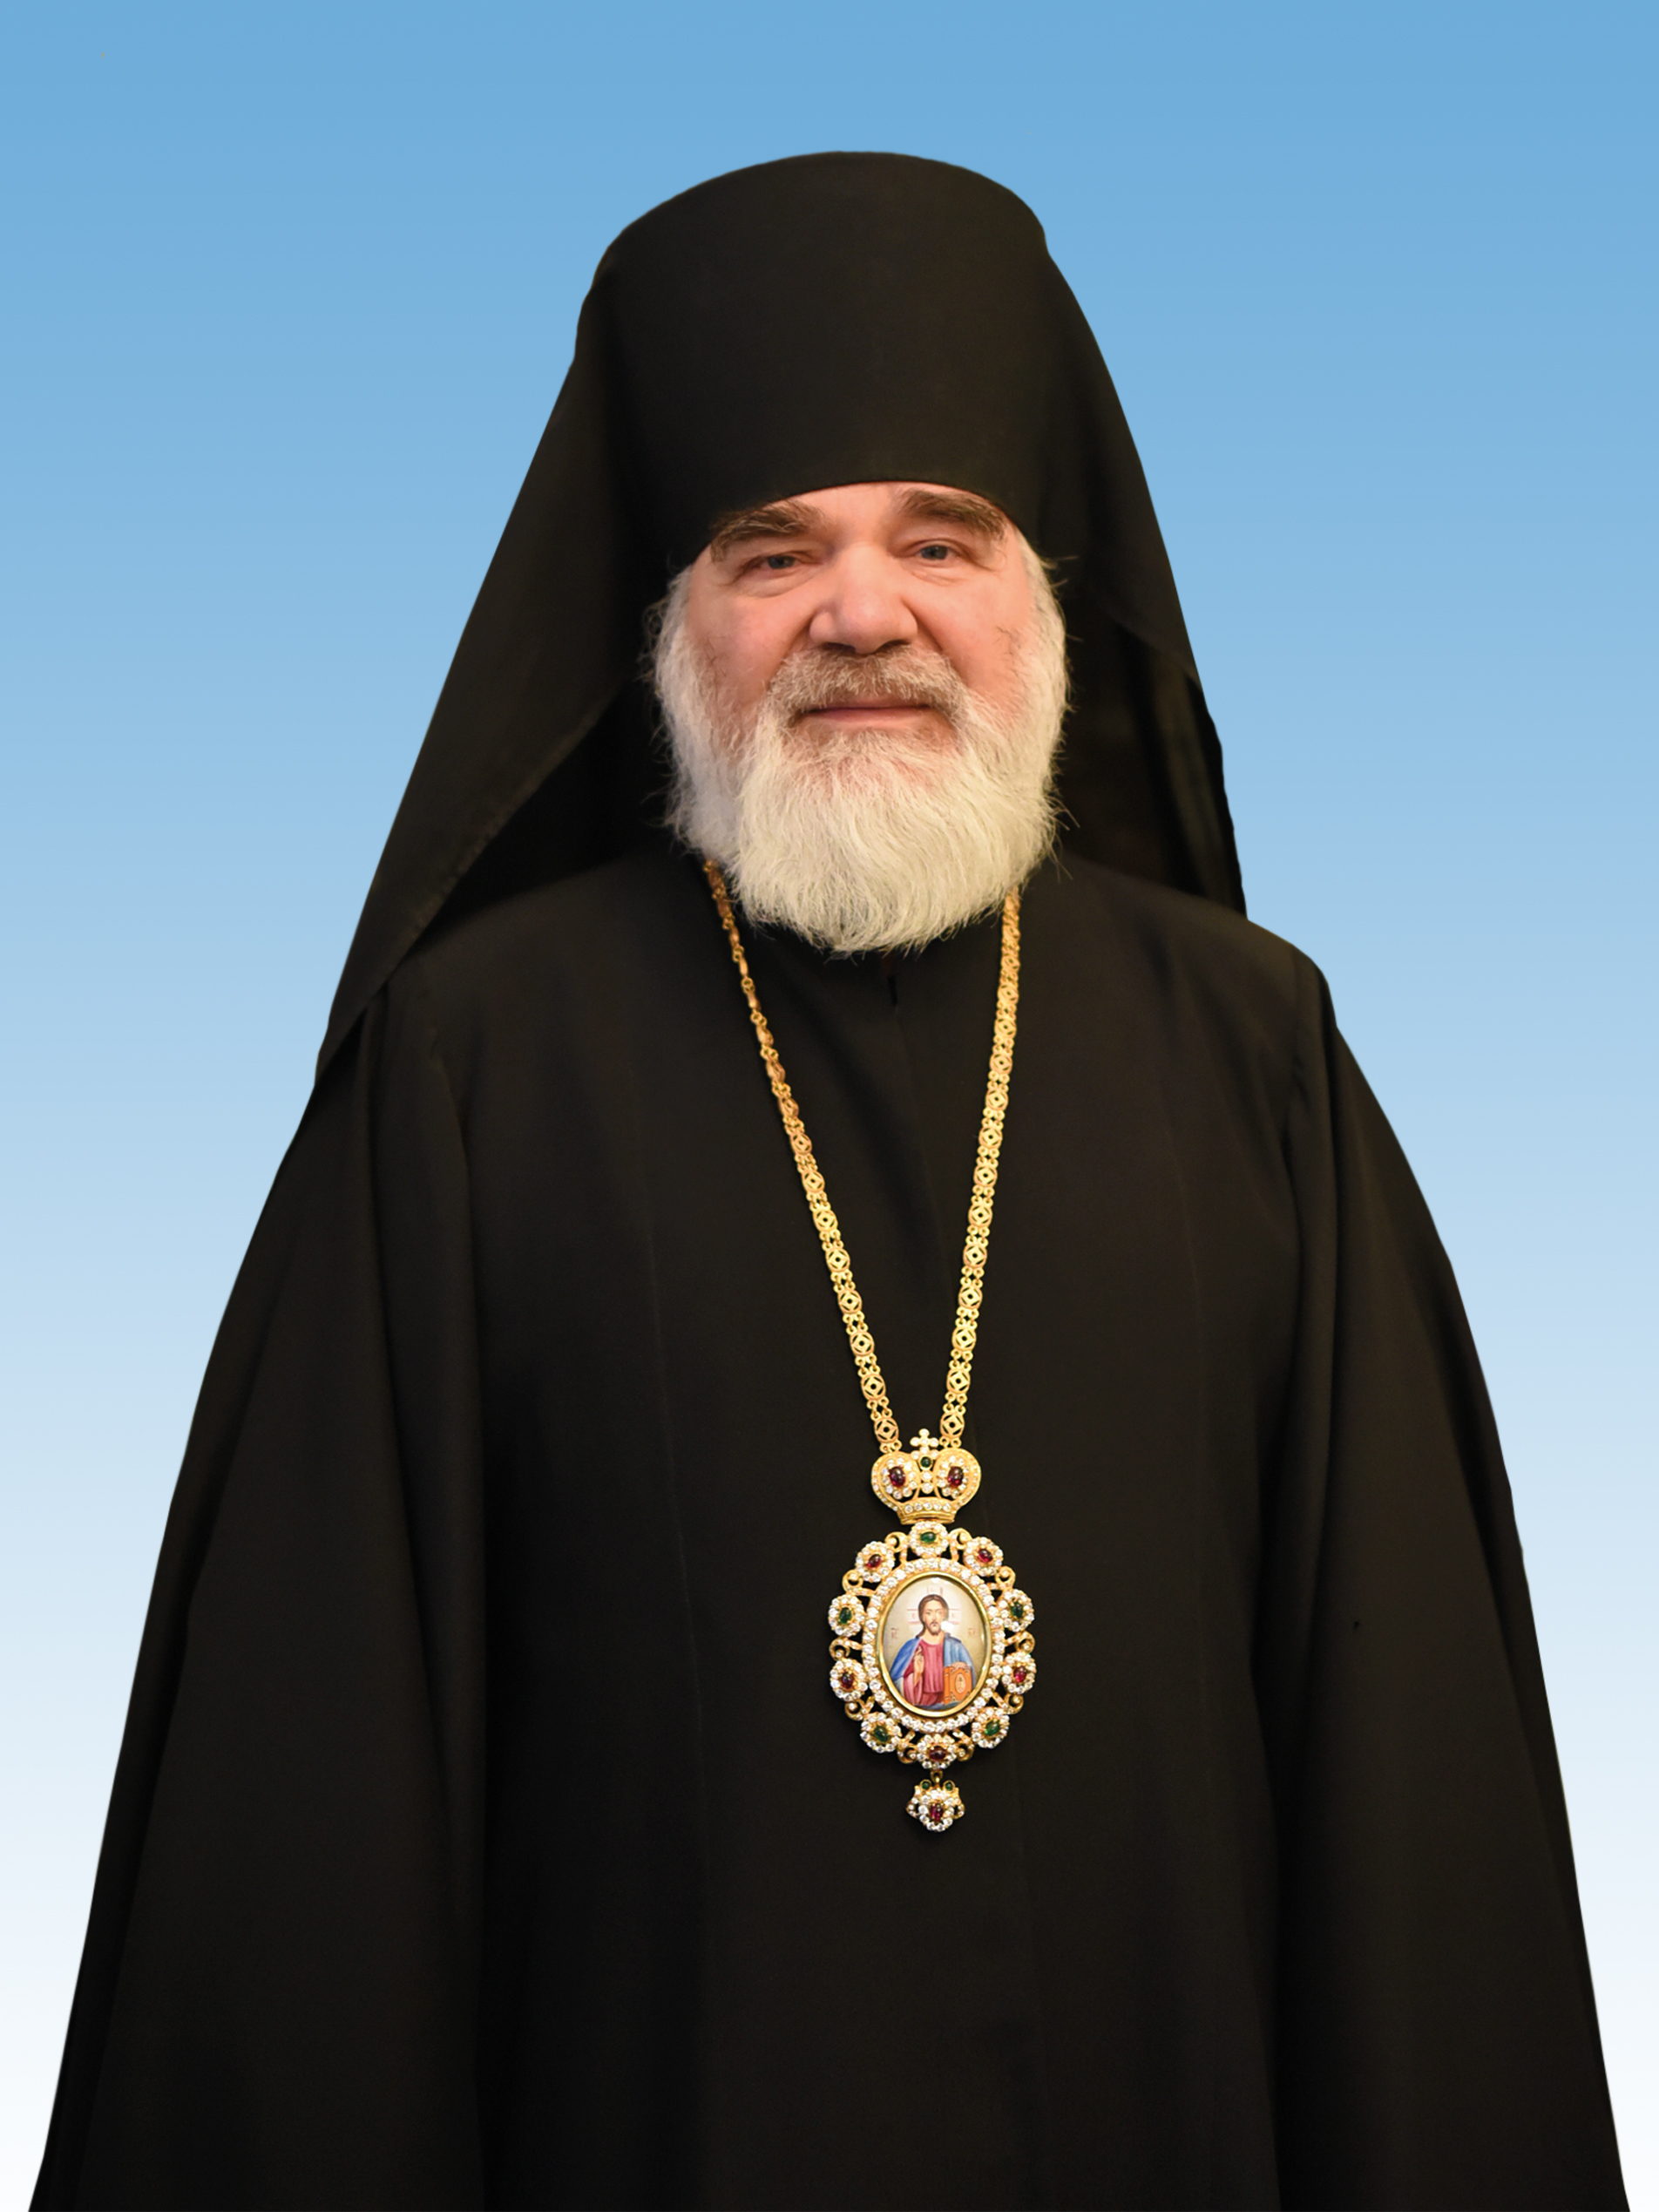 Єпископ Херсонський і Таврійський Михаїл